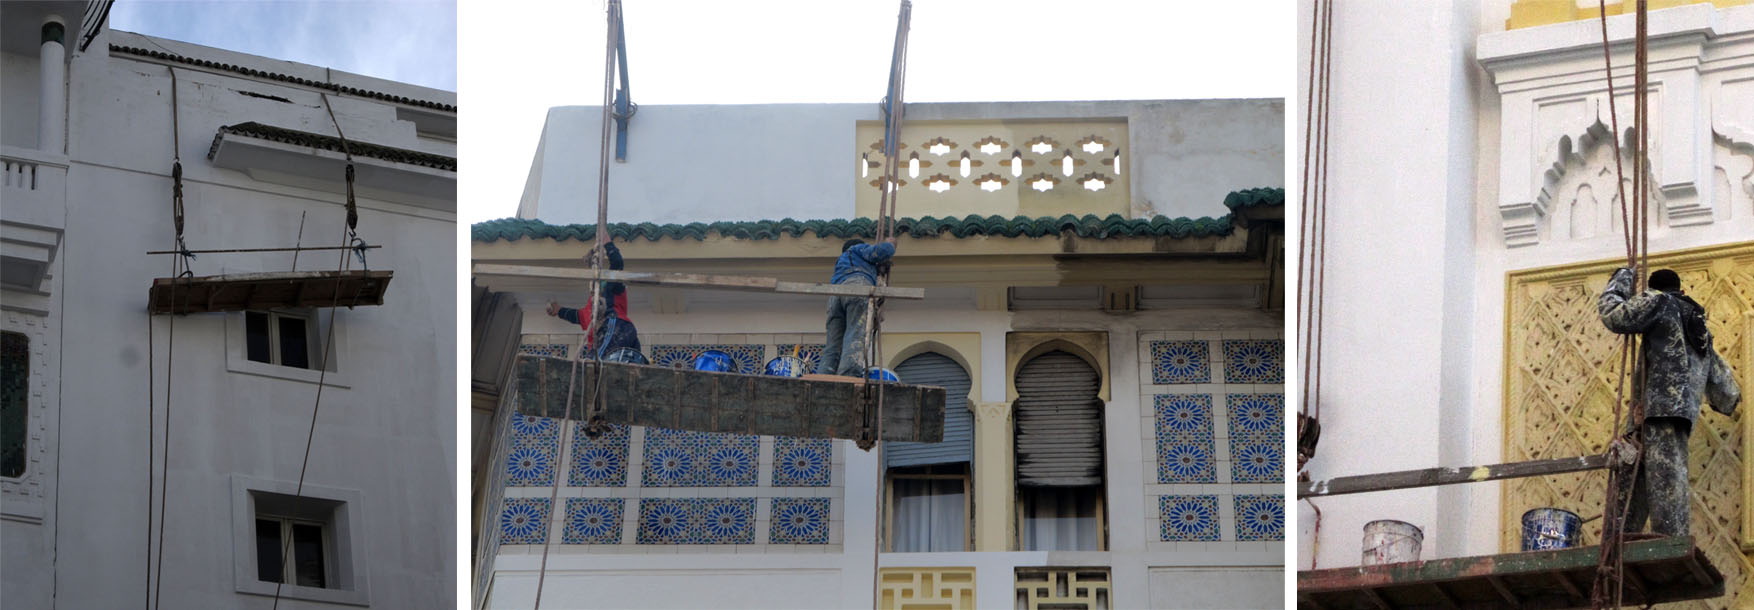 07 maroko kazablanka skele po gradu